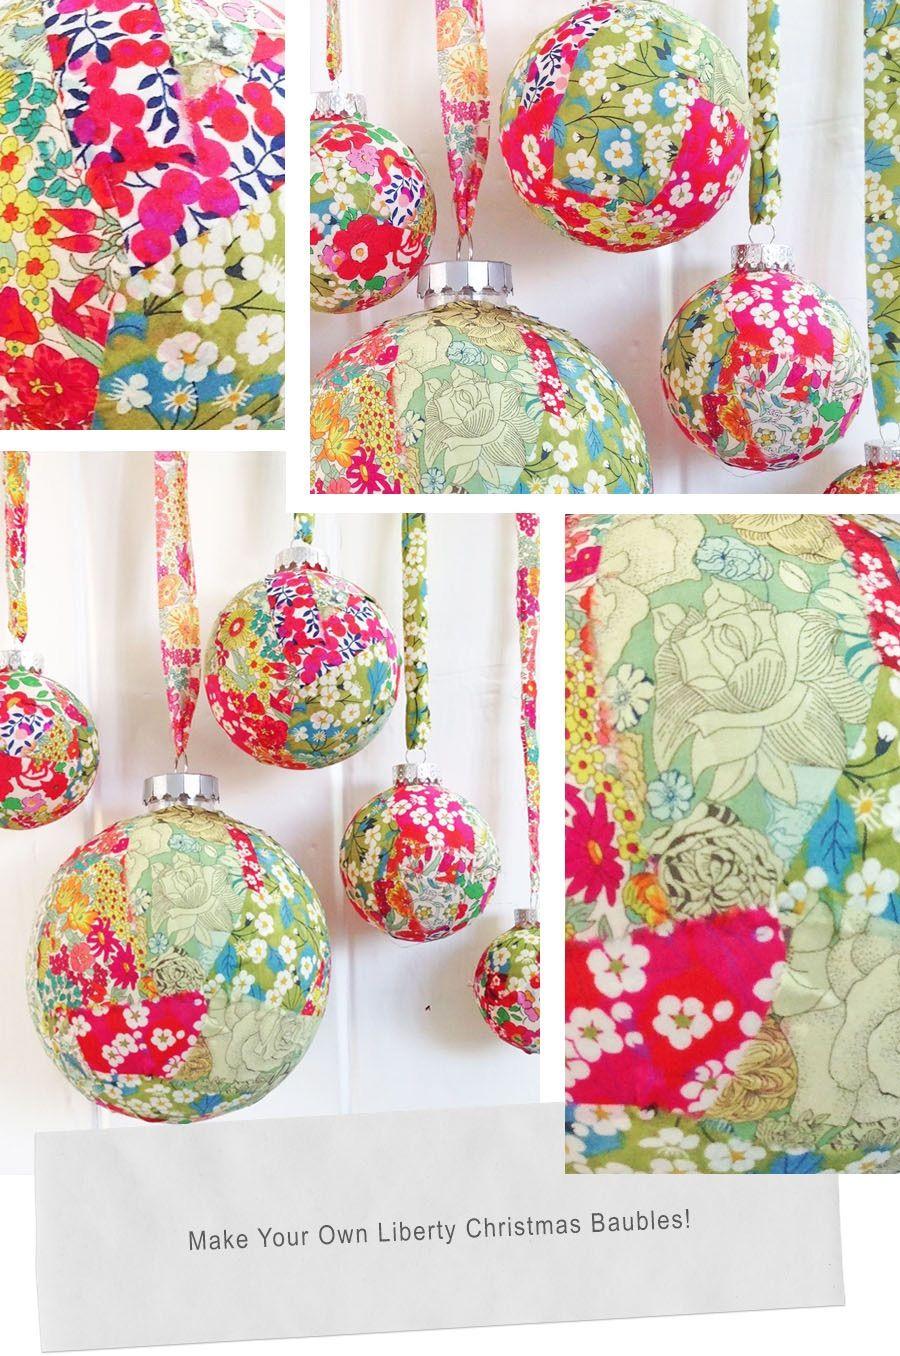 Liberty Christmas Baubles – Deck the Balls with Liberty fa la la la ...